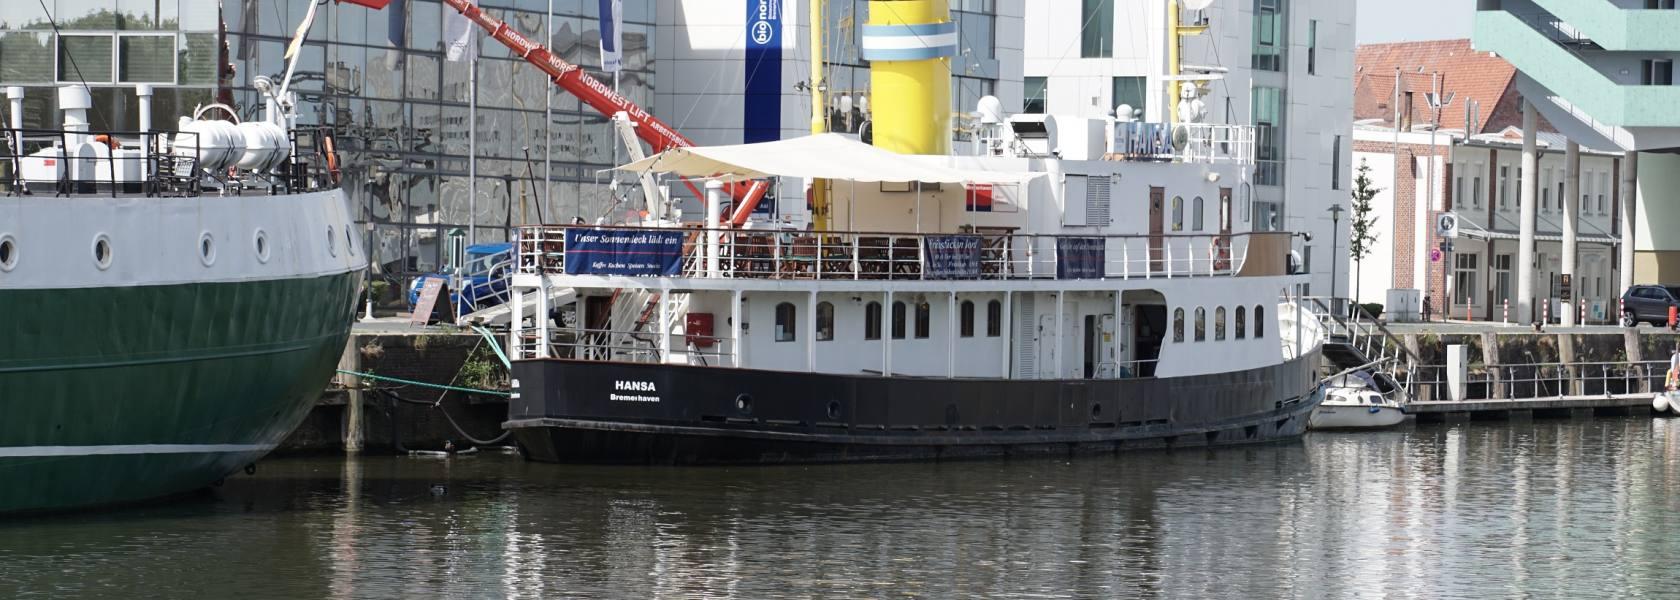 Hansa Bremerhaven, © Die Nordsee GmbH